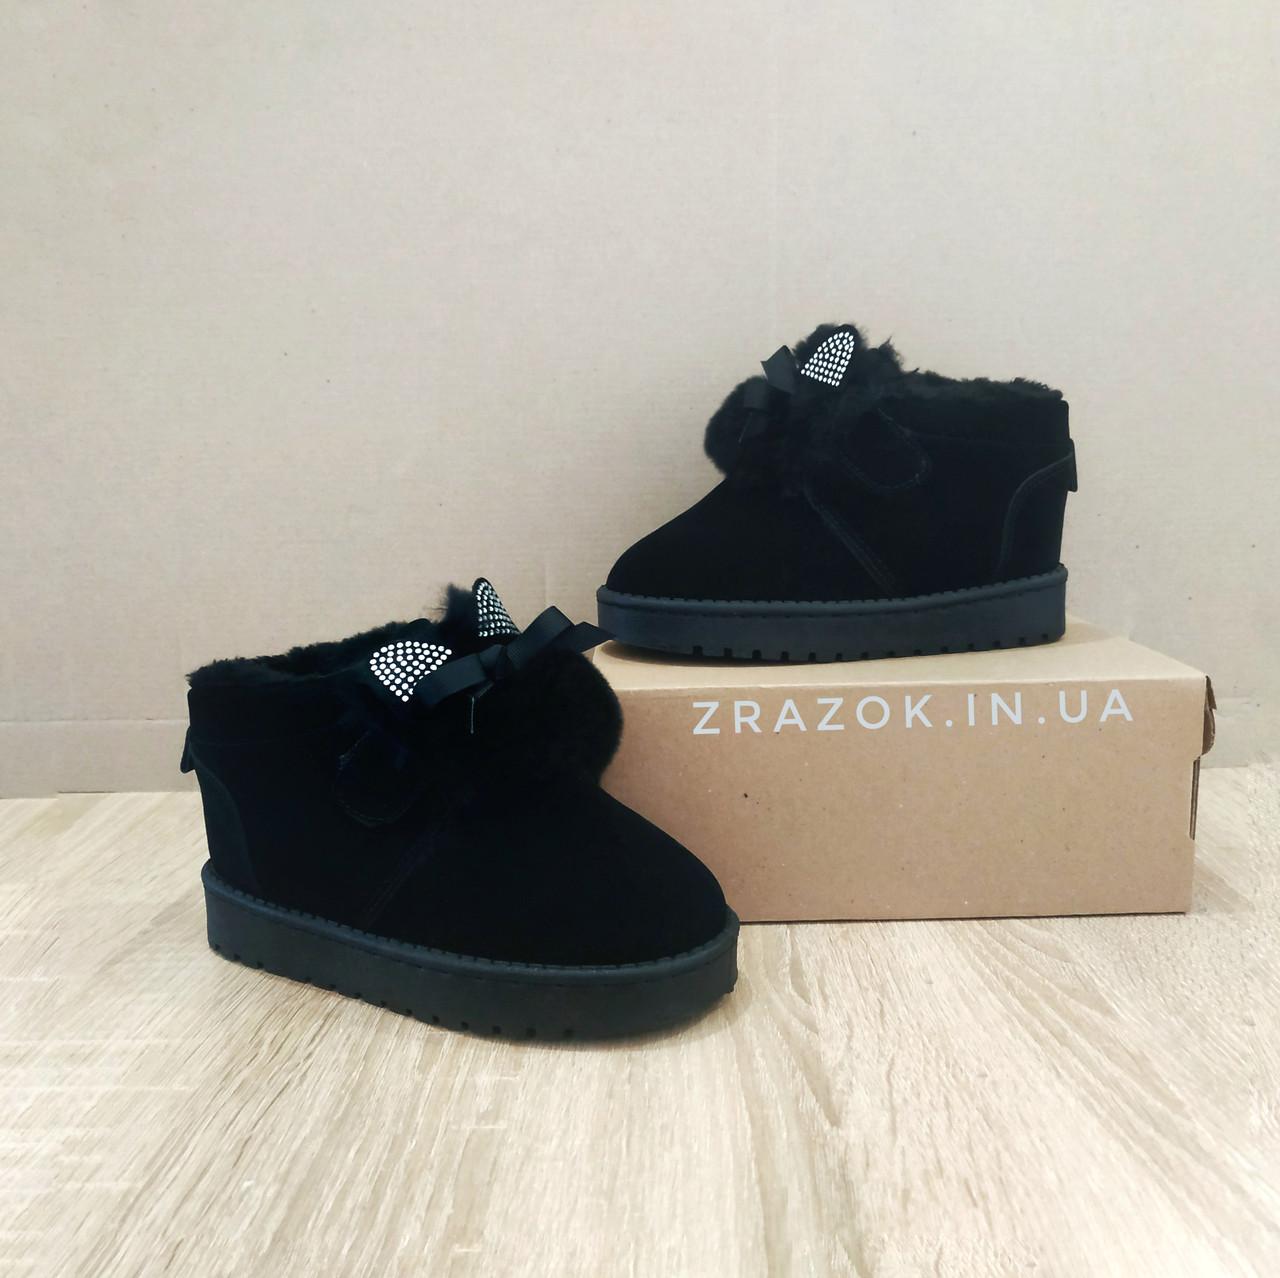 Замшеві уггі UGG дитячі з вушками теплі черевички чорні чобітки на липучці 26, 29, 30 розмір